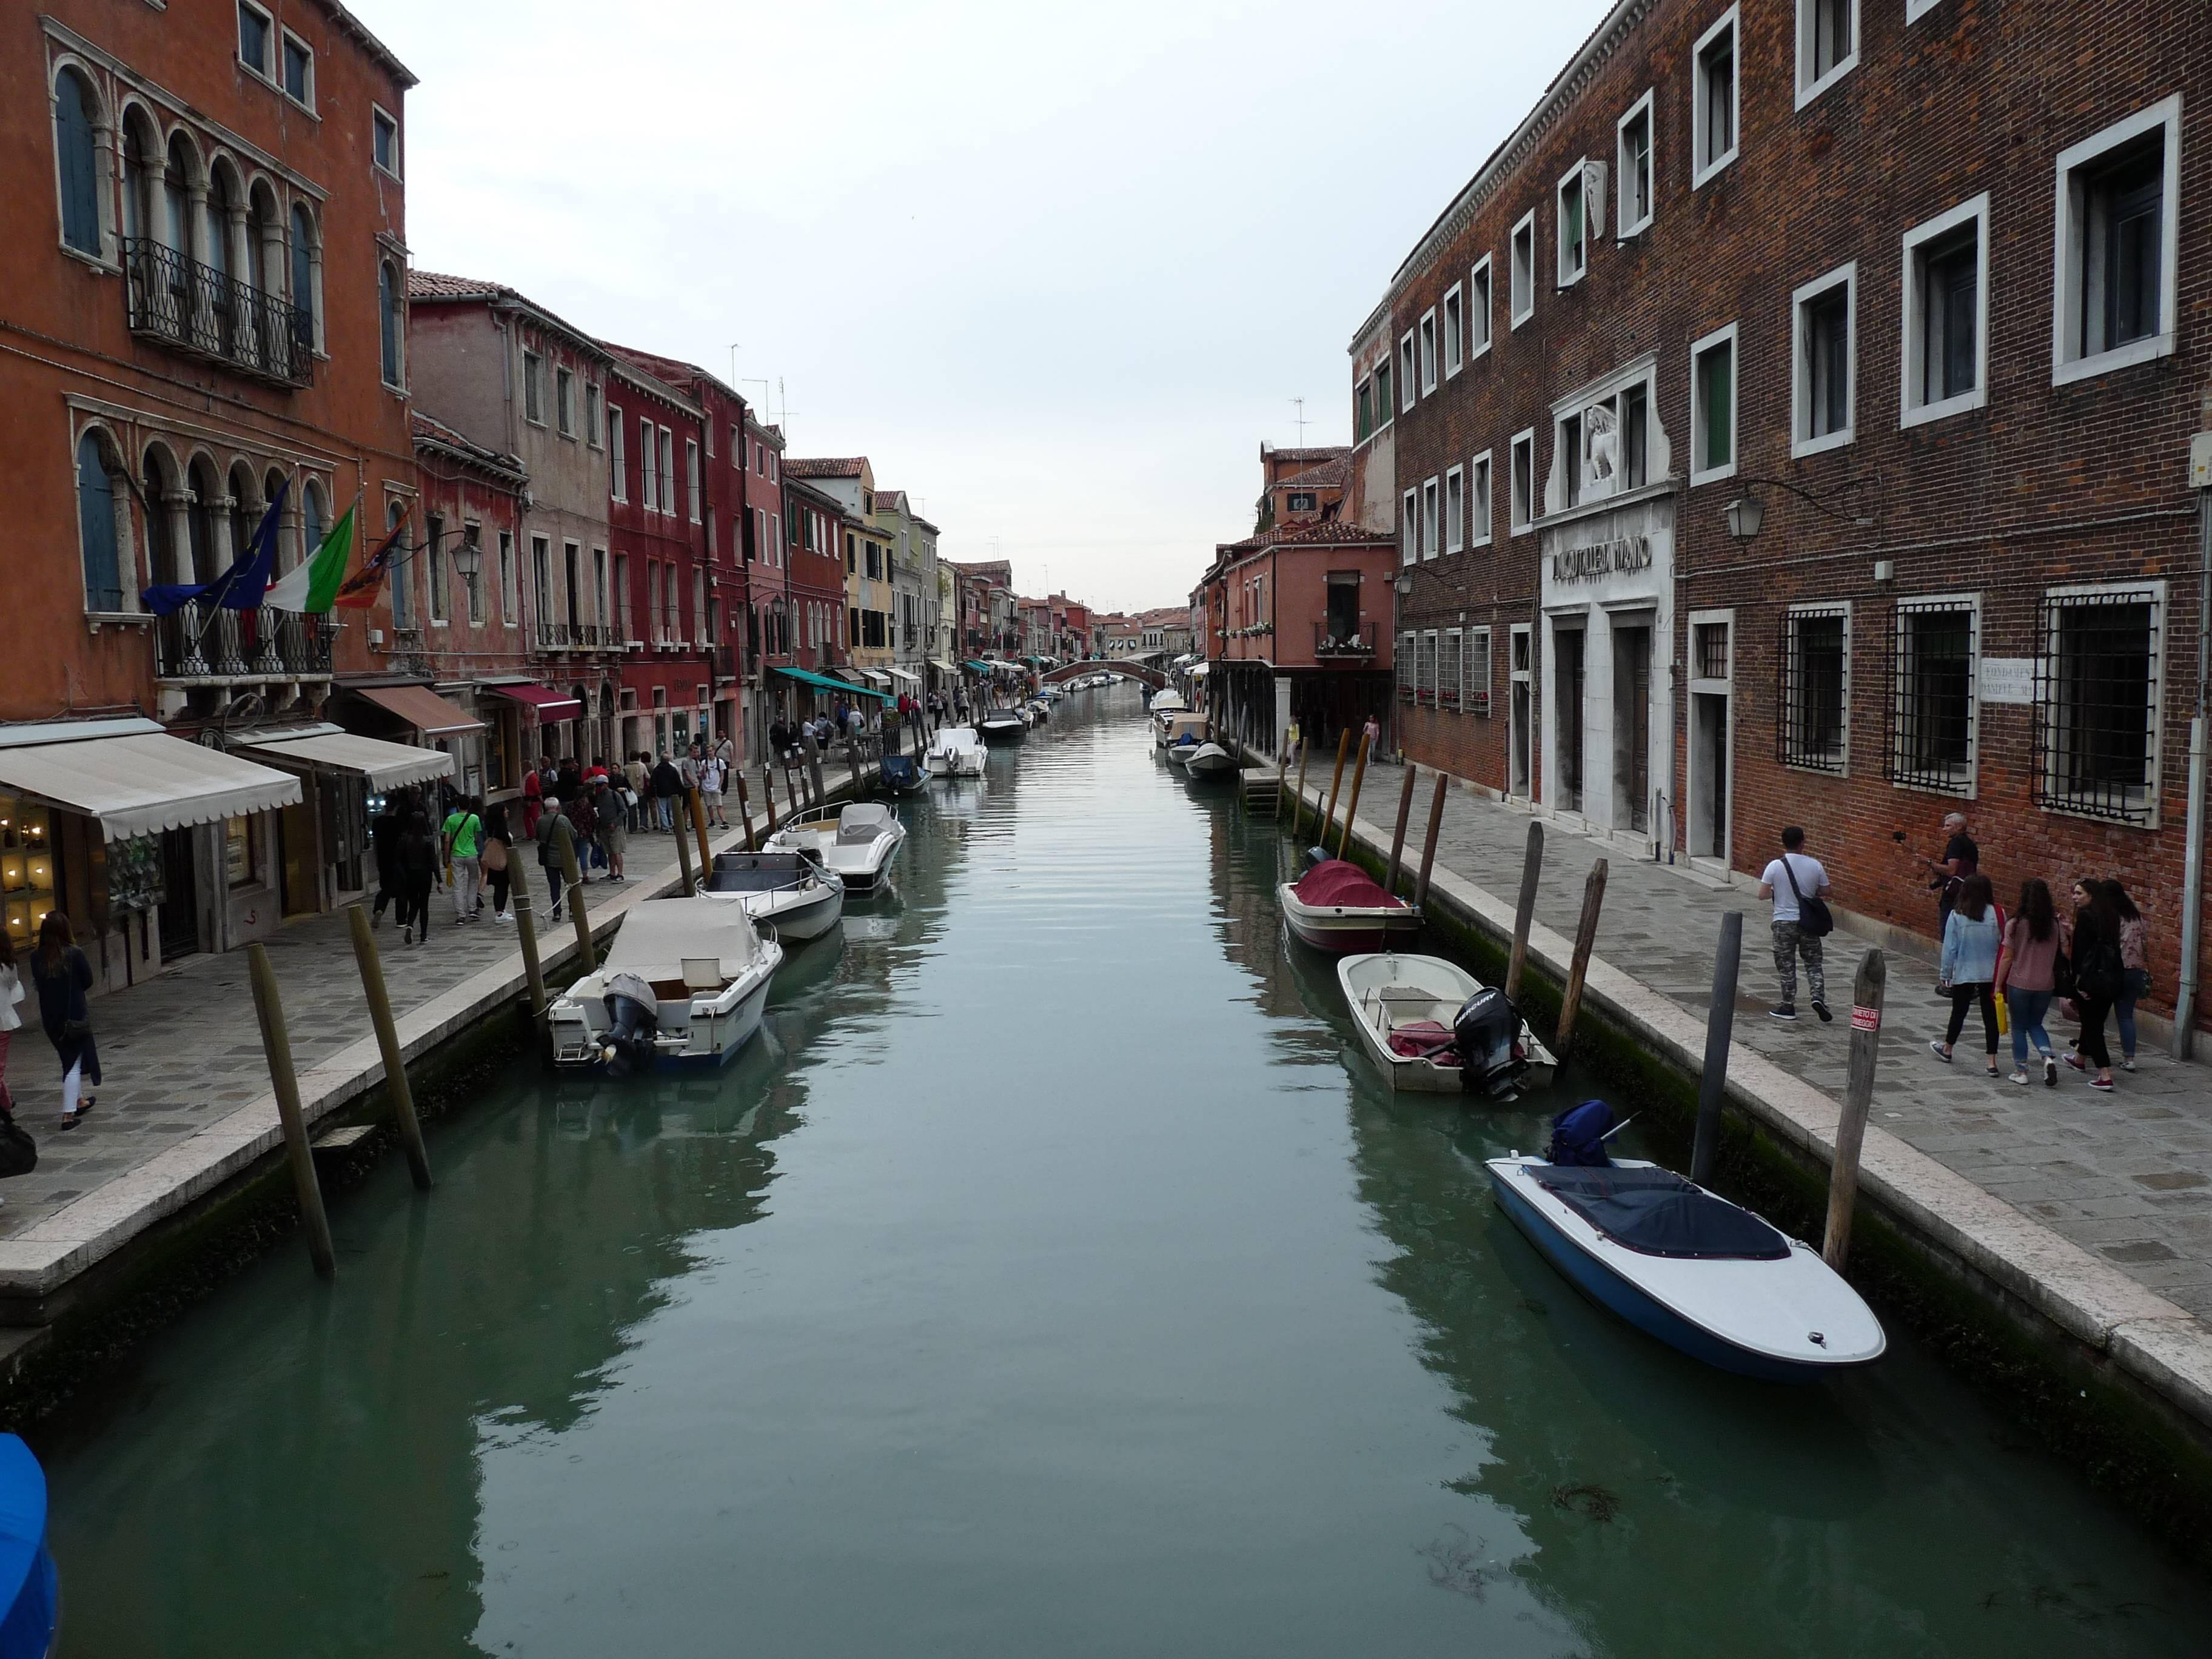 Photo 3: Ile de Murano, petite escapade sympa à 15 minutes de Venise en Bateau